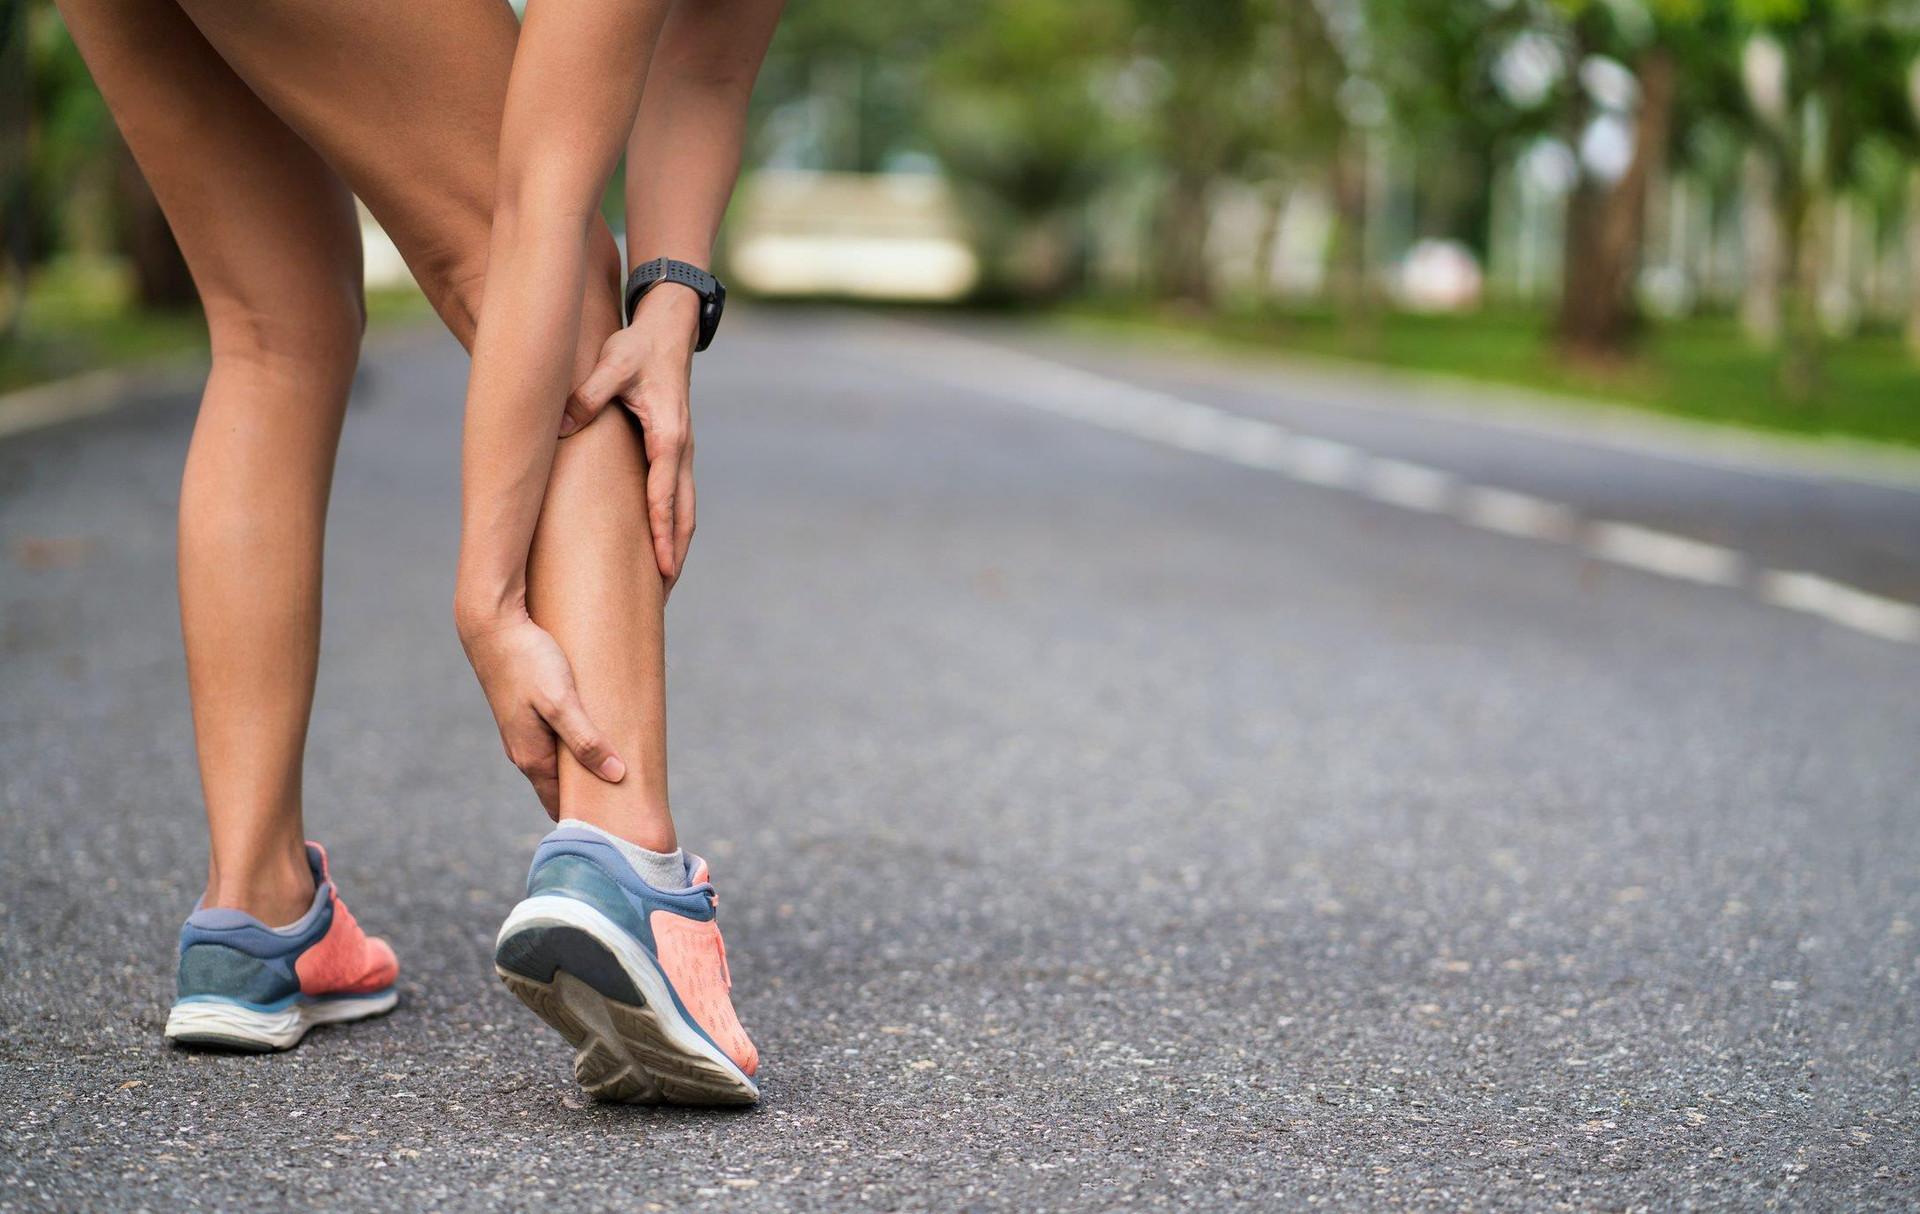 Nếu xuất hiện 7 dấu hiệu này, bạn nên xem lại việc tập thể dục - 3